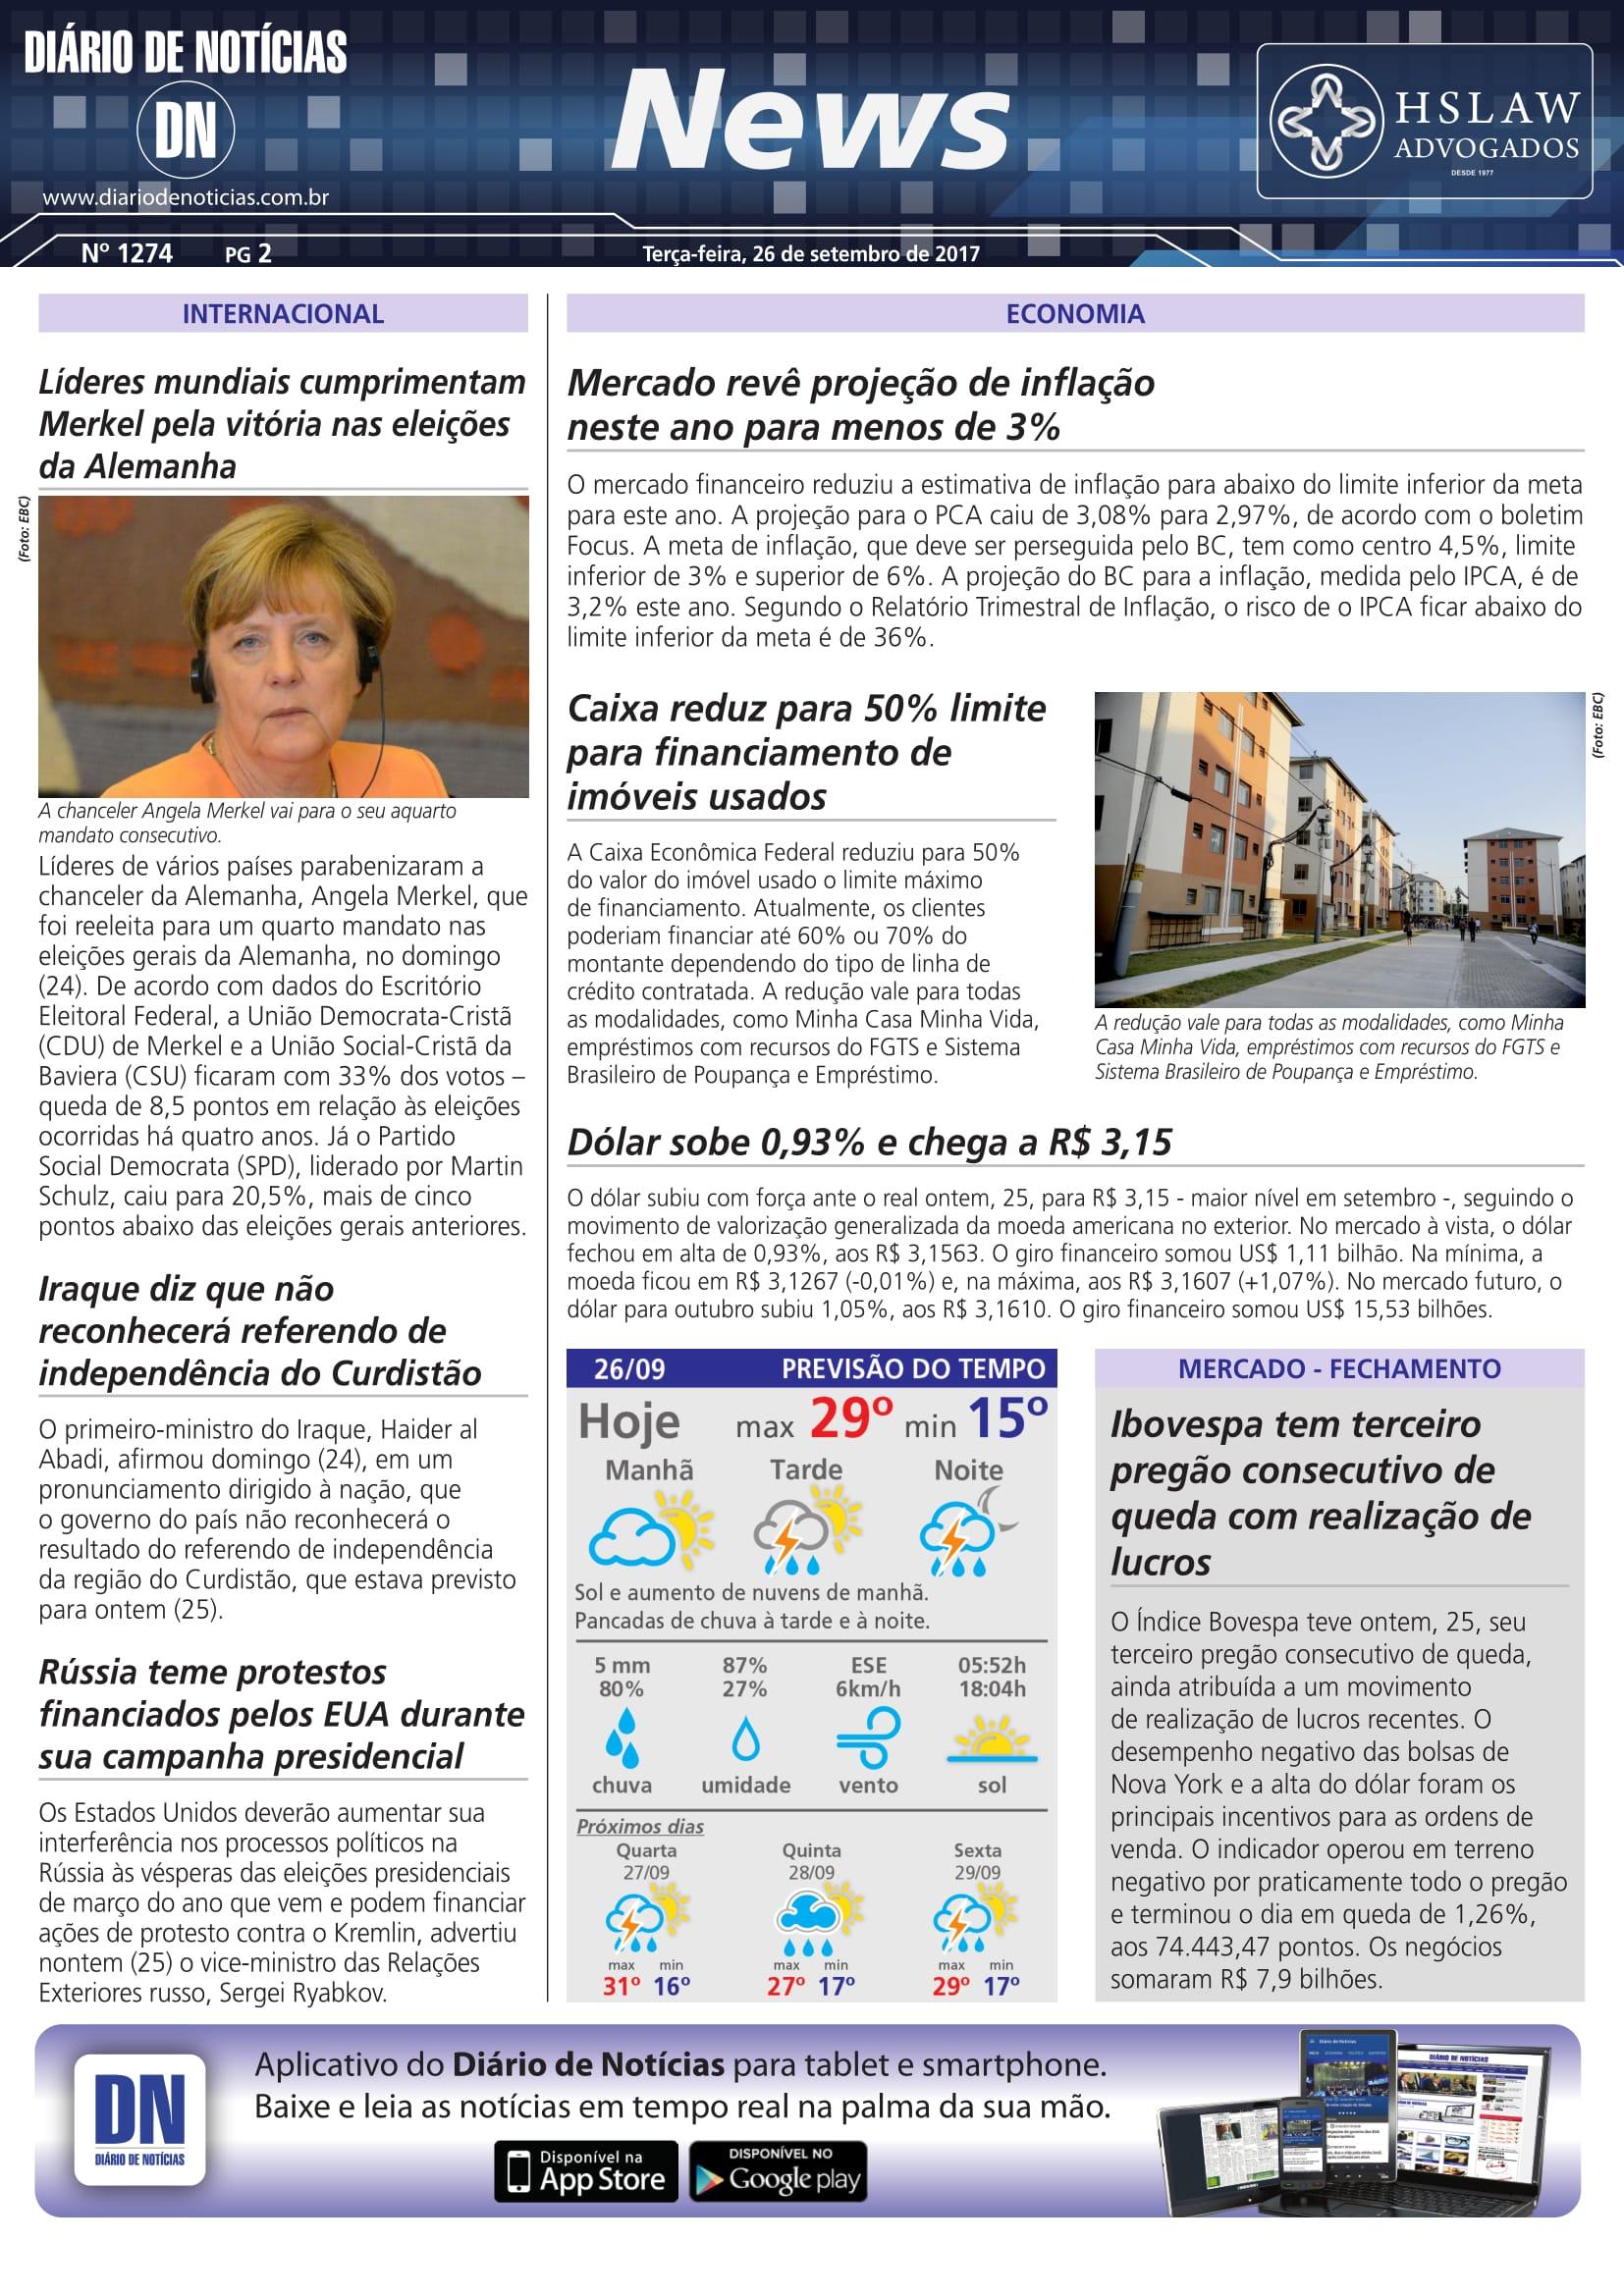 NewsPaper_1274_DN_260917-2